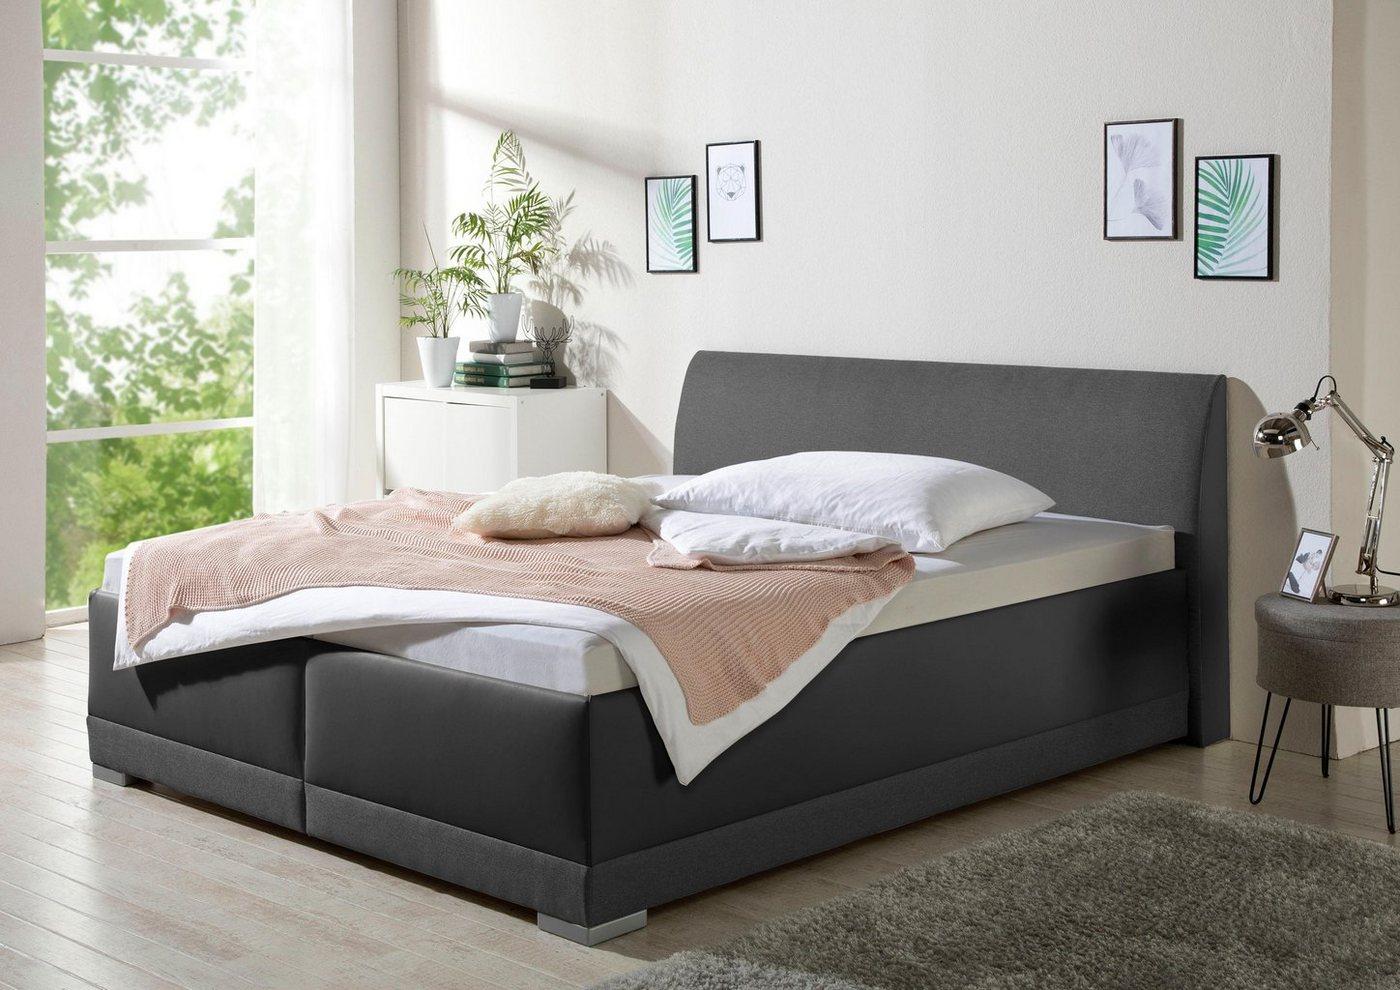 Full Size of Hohe Betten Amerikanische Teenager Köln Breckle Für übergewichtige Mit Aufbewahrung Kinder 200x200 Hasena Jugend Bett Hohe Betten